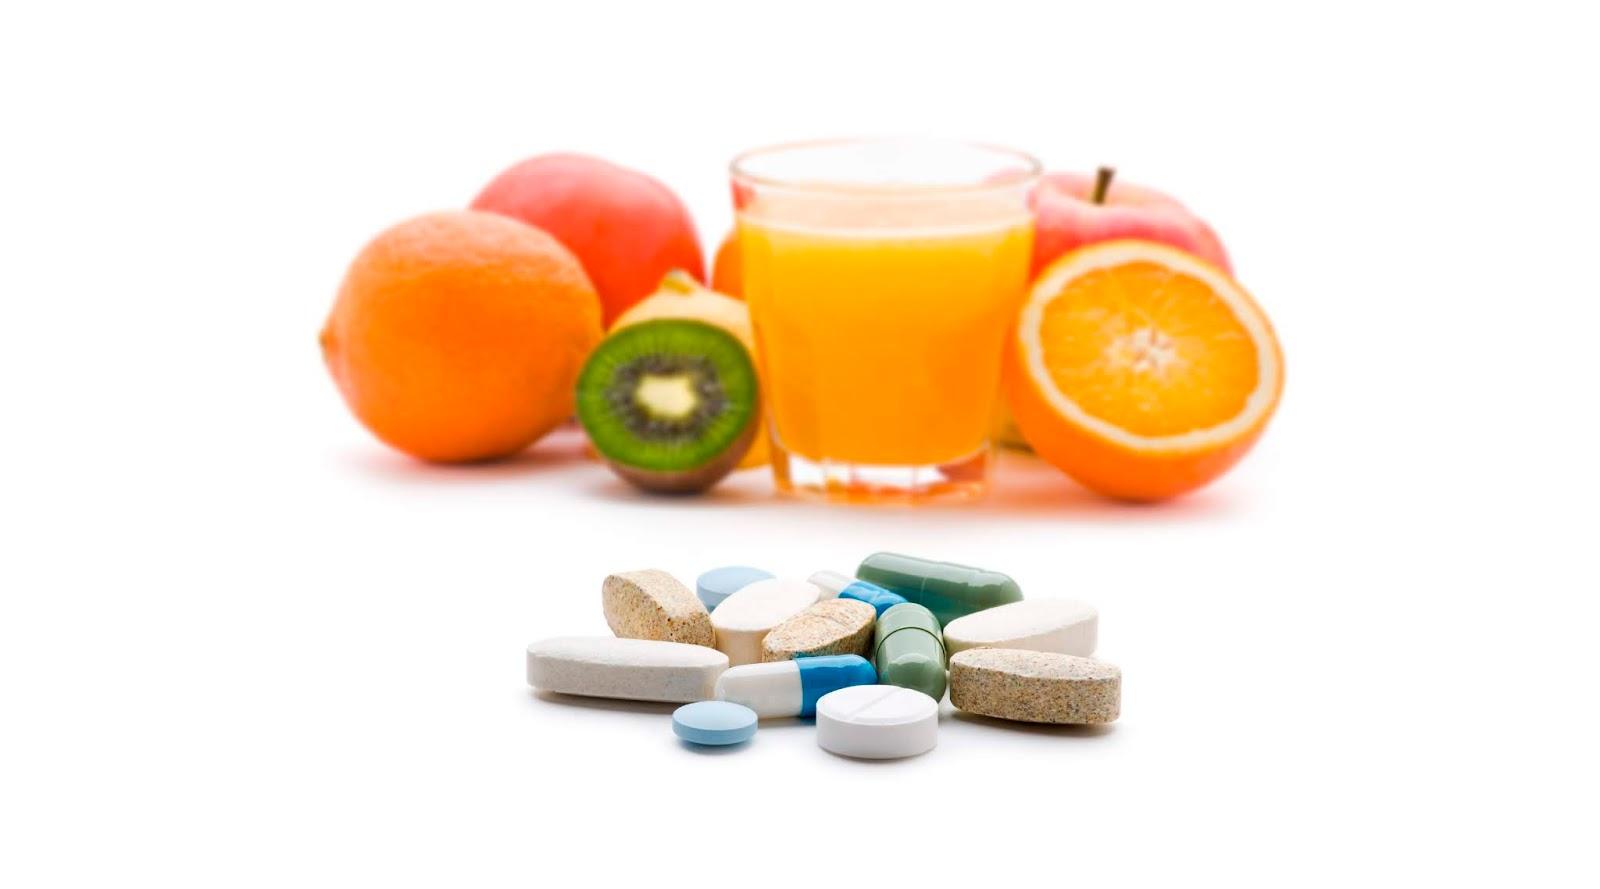 los medicamentos recetados para la disfunción eréctil aumentan